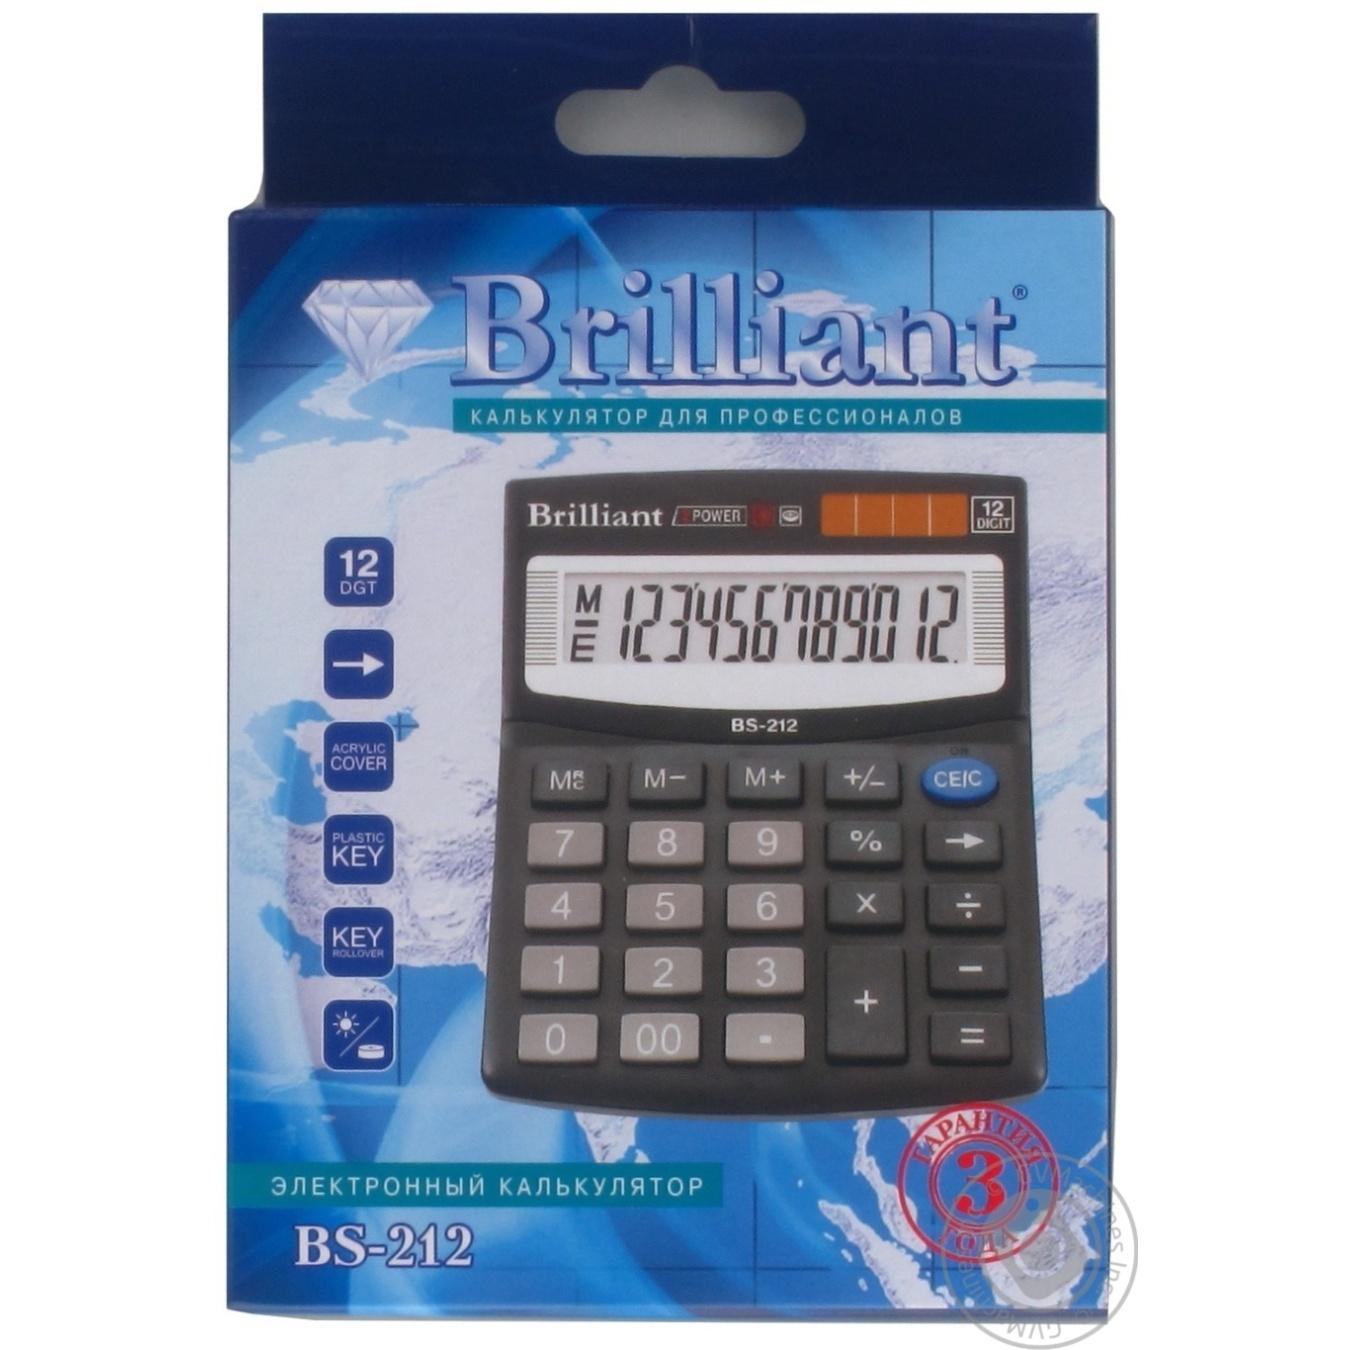 Купить Калькулятор Brilliant BS-212